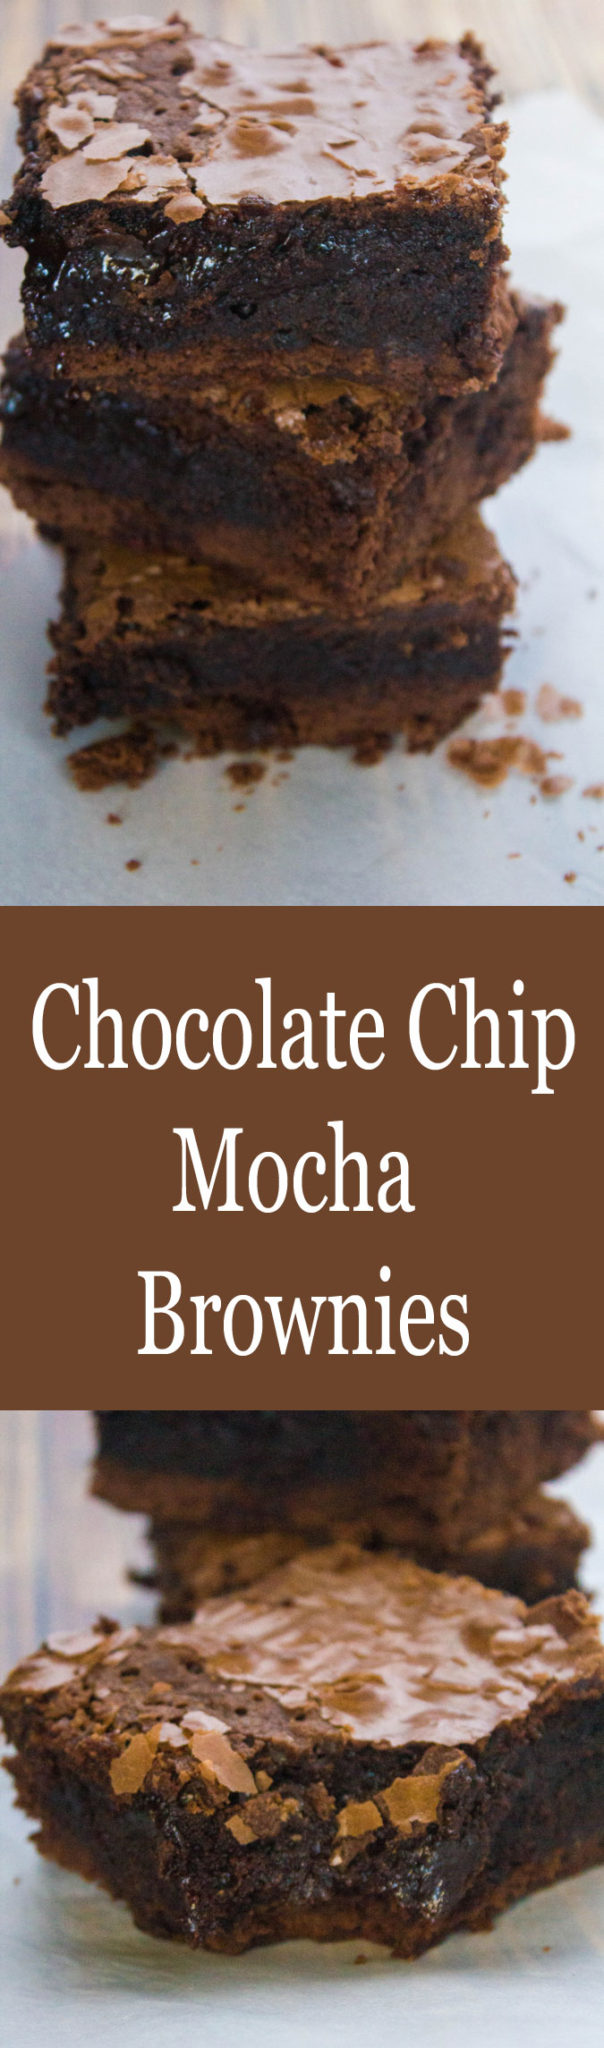 chocolate-chip-mocha-brownies